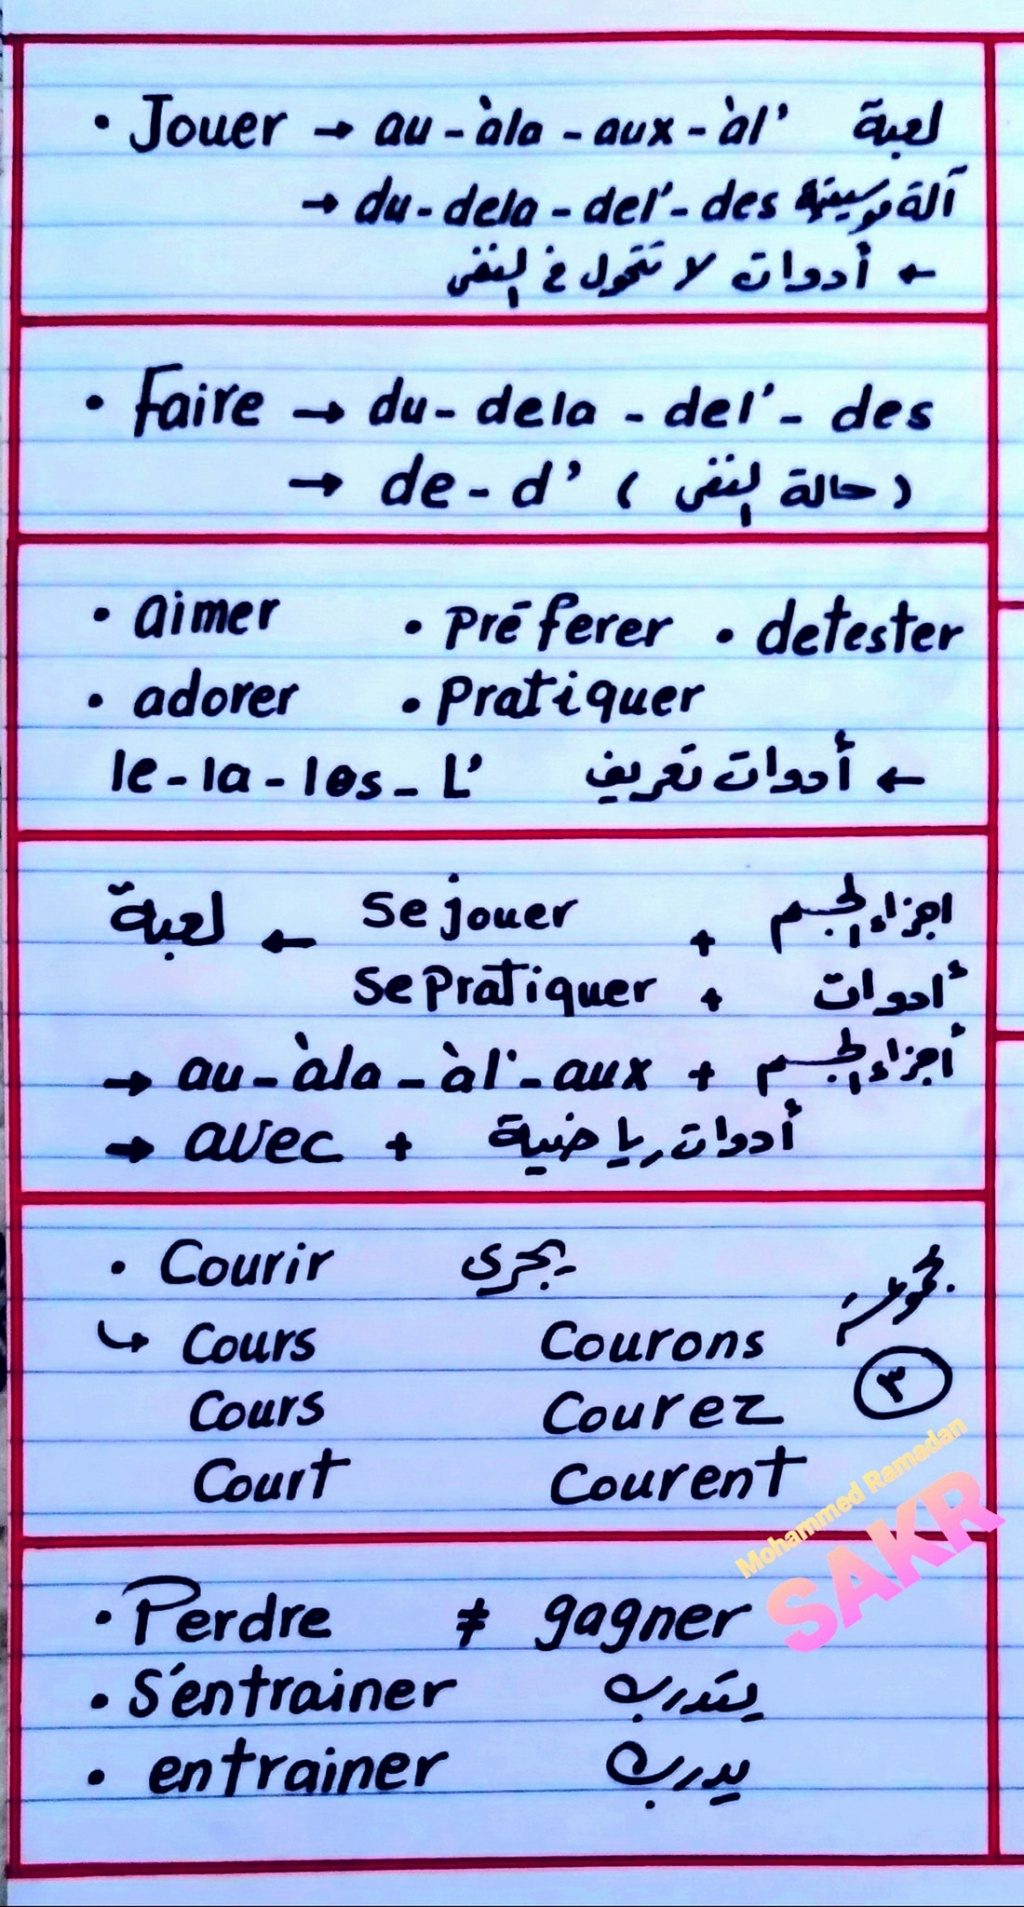 مراجعة لغة فرنسية الثالث الثانوى   ملاحظات مهمة على الوحدة الأولى 3110